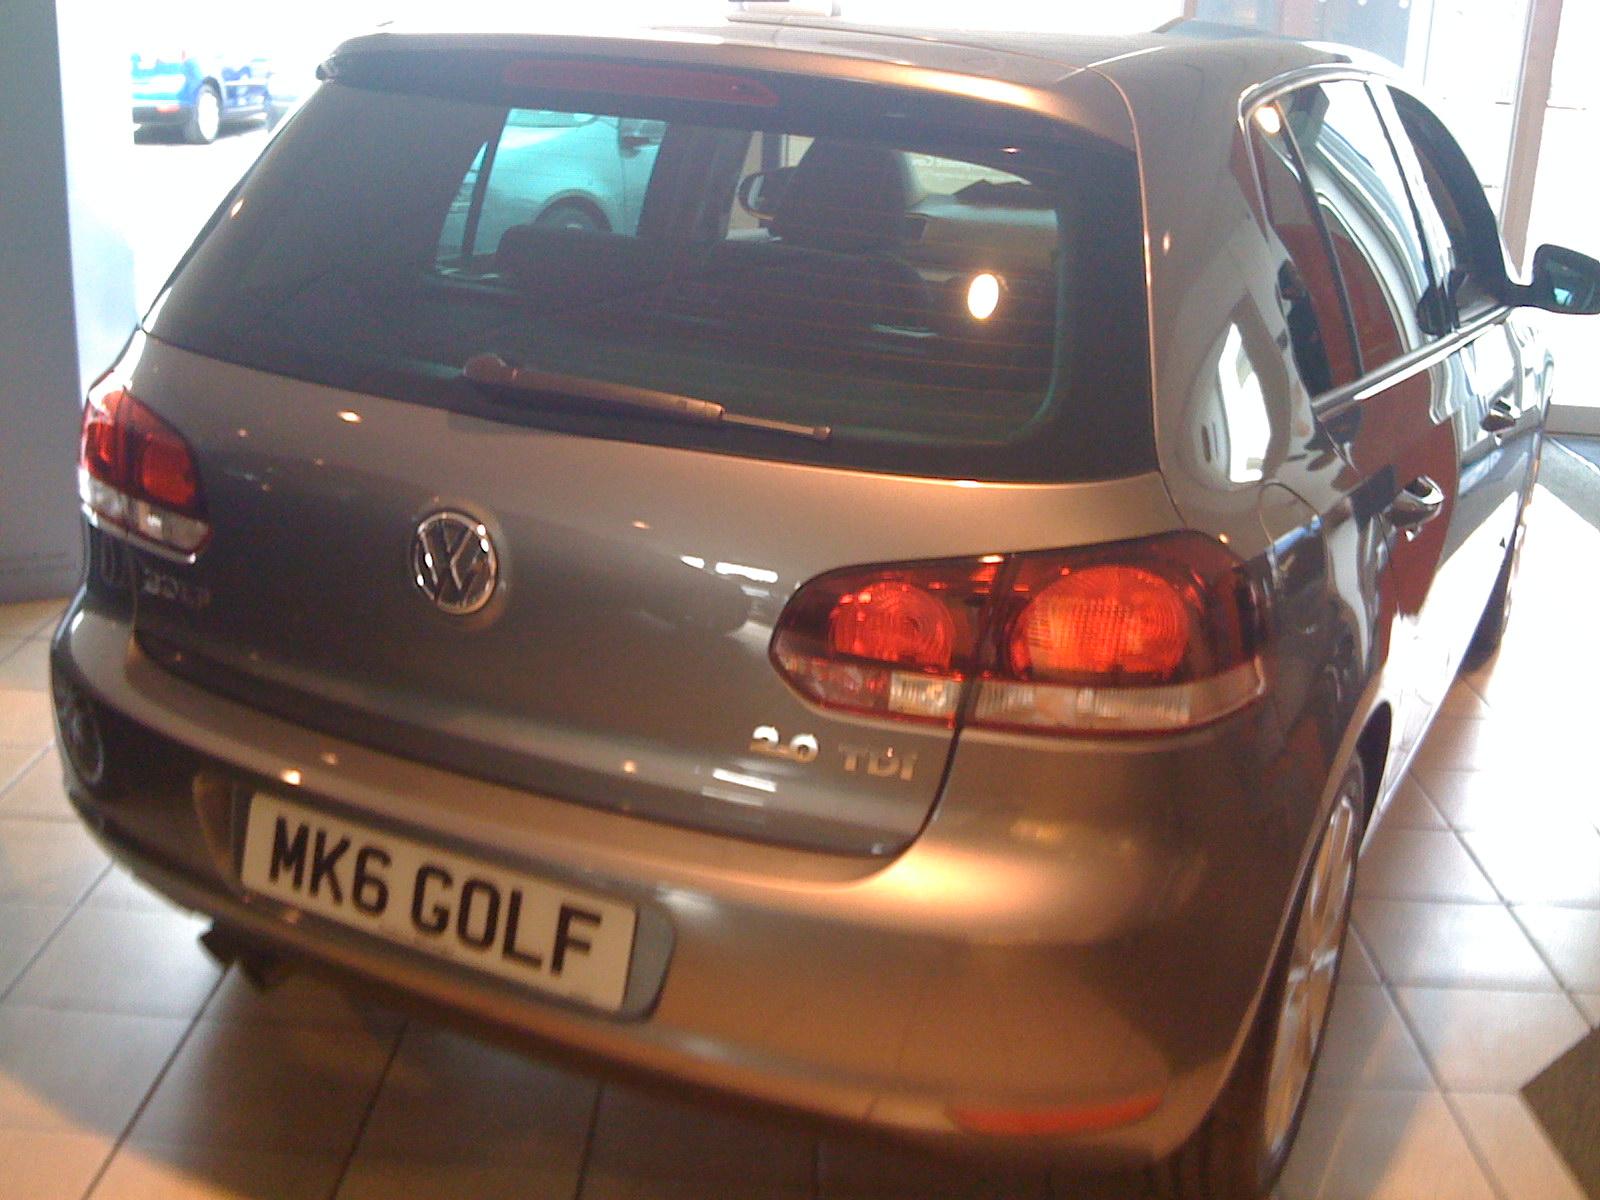 2009 Volkswagen Golf GT Mark 6/VI Test Drive